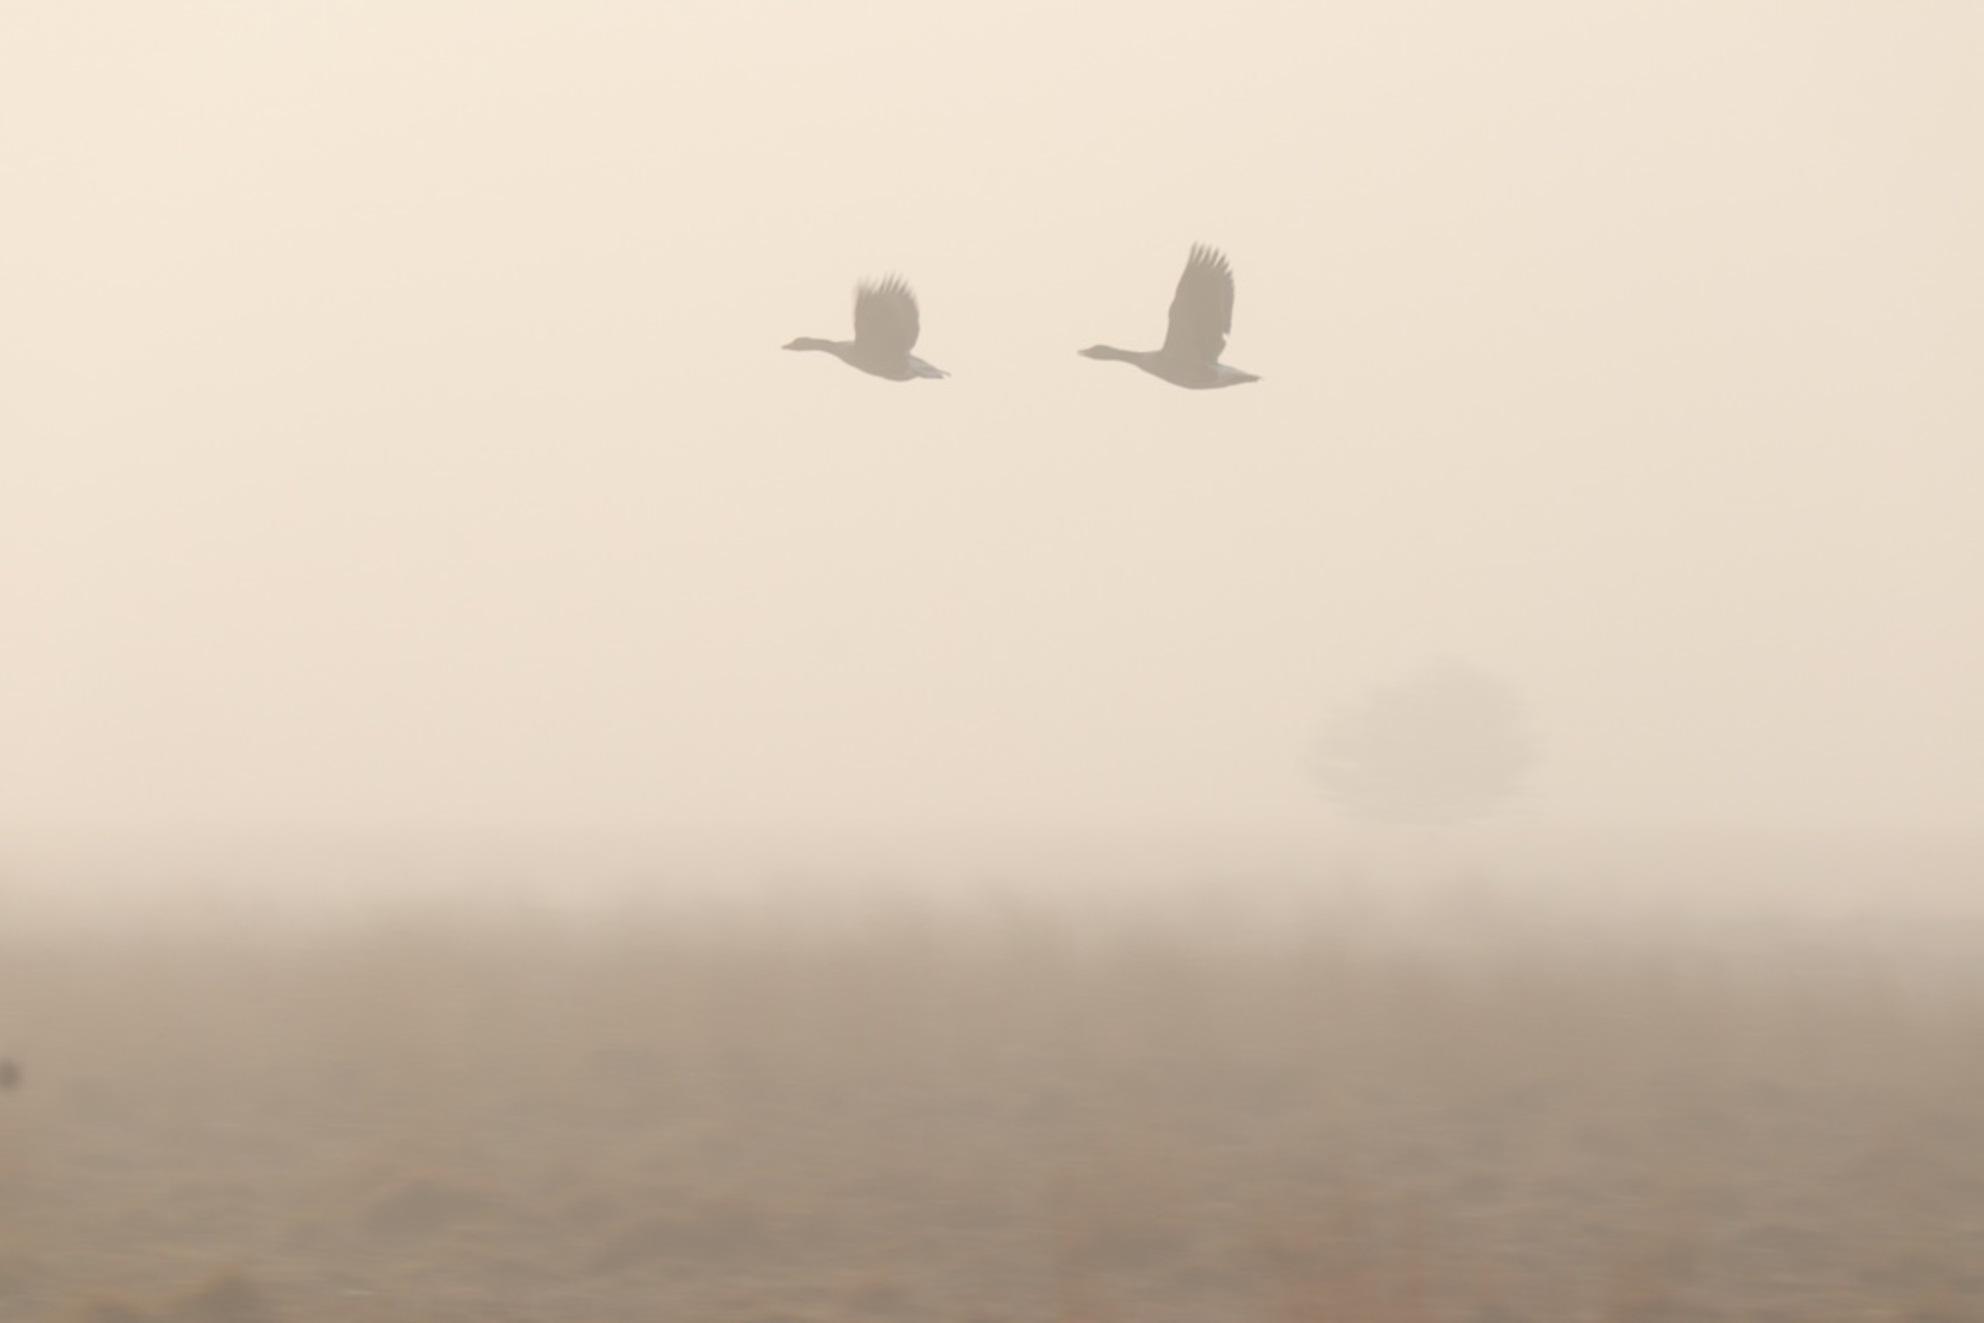 kampina ochtend mist 2 - kampina  in de ochtend met mist   . vliegen 2 gansen als silhouette door de lucht. - foto door paaltje op 28-02-2021 - deze foto bevat: lucht, mist, gans